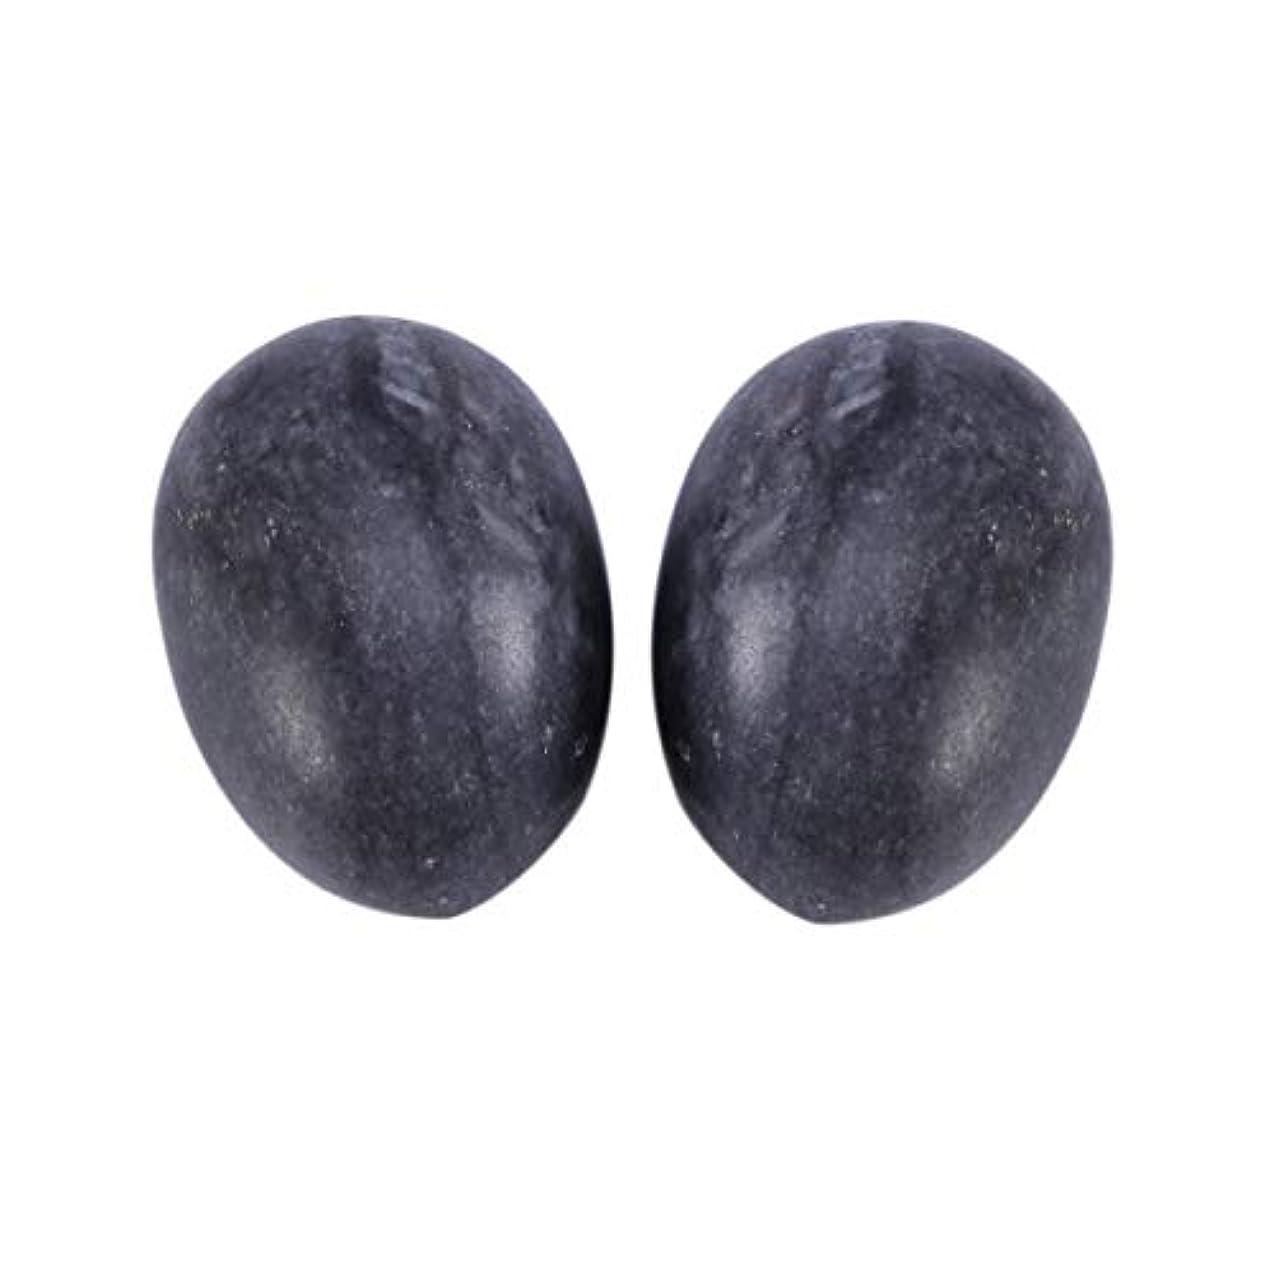 ピンチ女王であることHealifty 6PCS翡翠Yoni卵マッサージ癒しの石のケゲル運動骨盤底筋運動(黒)